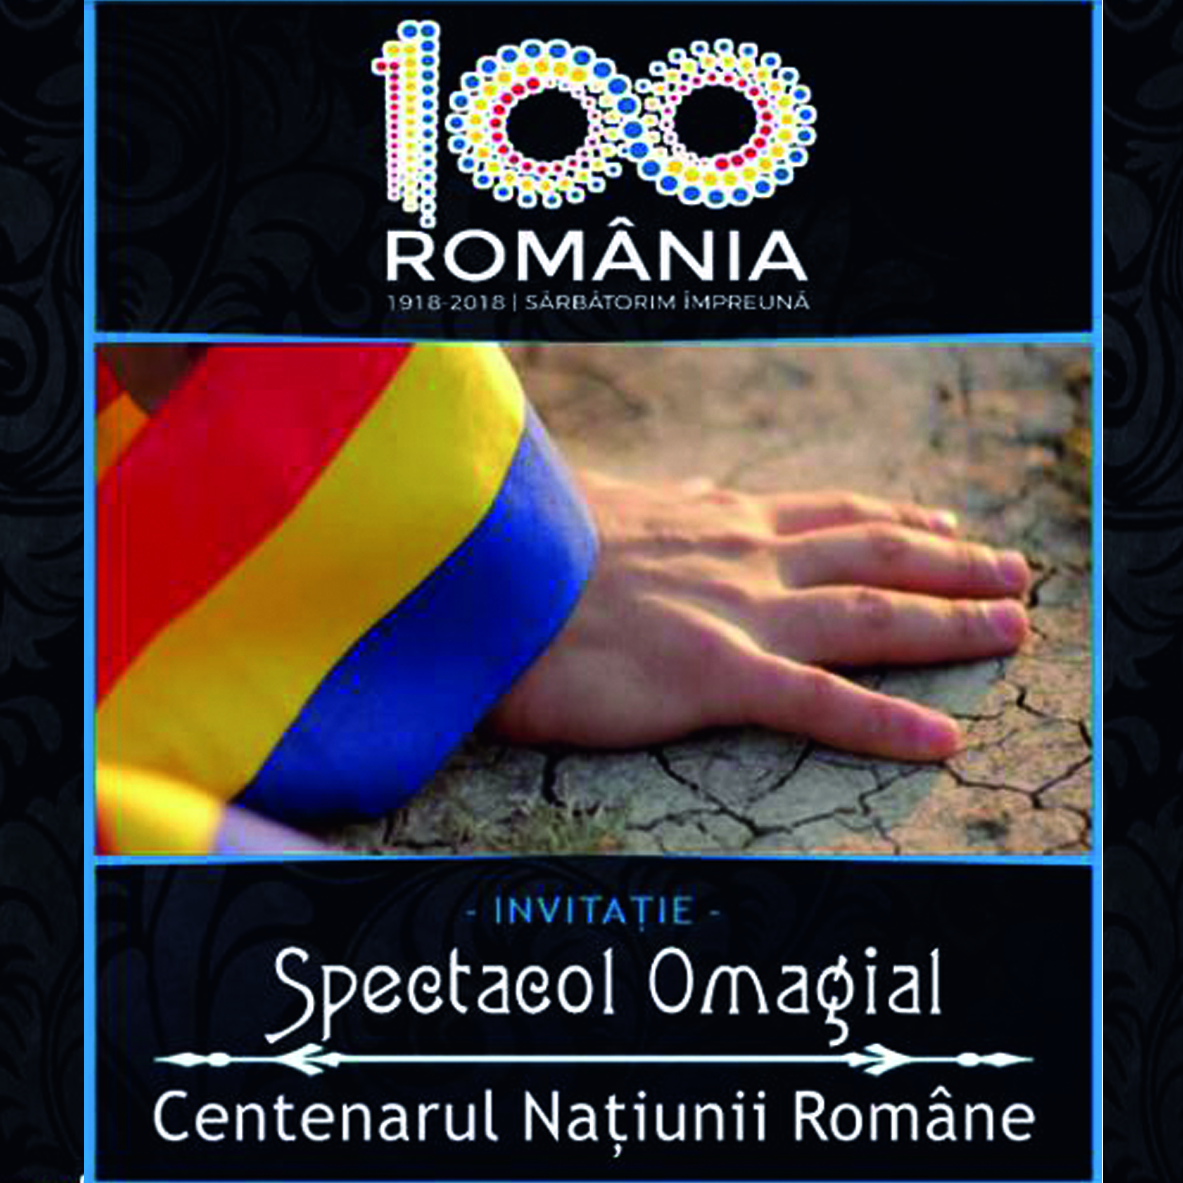 Spectacol Omagial-Centenarul Națiunii Române